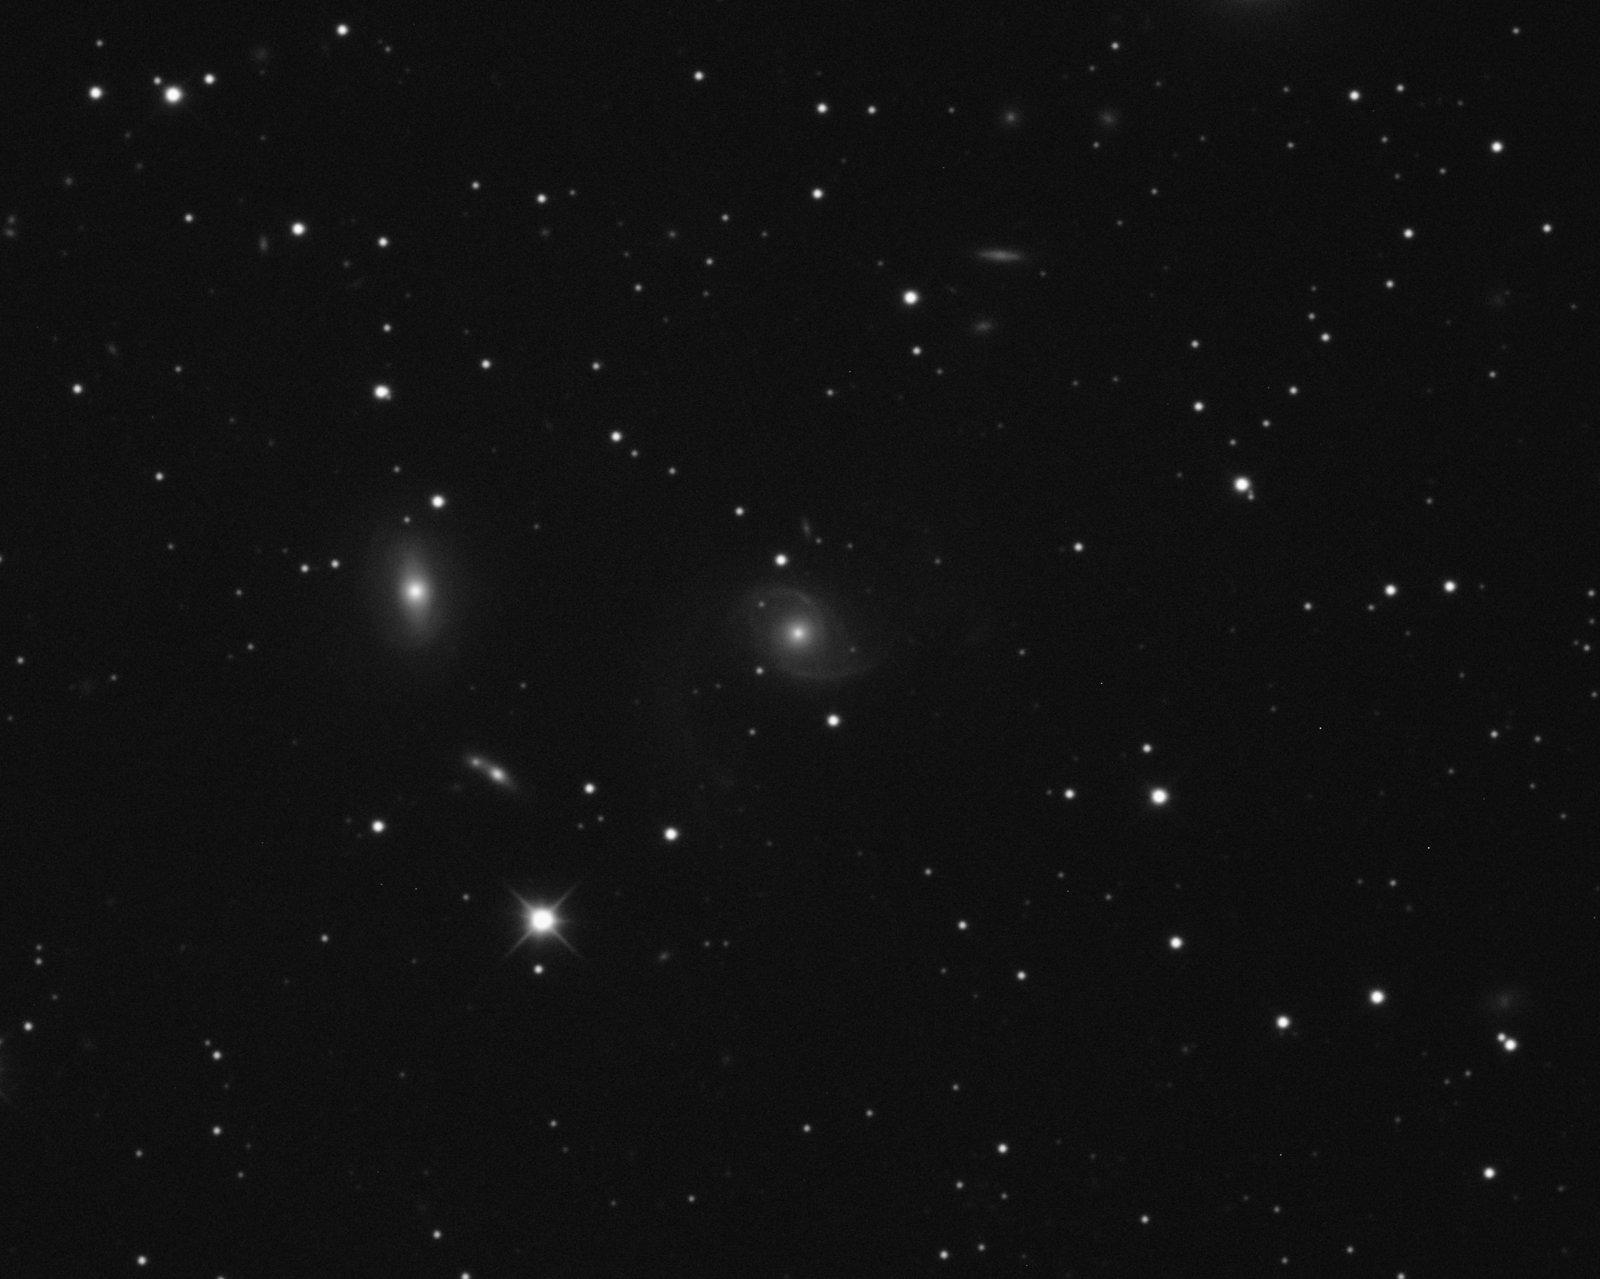 5a5cc5f0a72cb_NGC974j2084crop.thumb.jpg.ba841878710f10edbbc8c61c770c5b0a.jpg